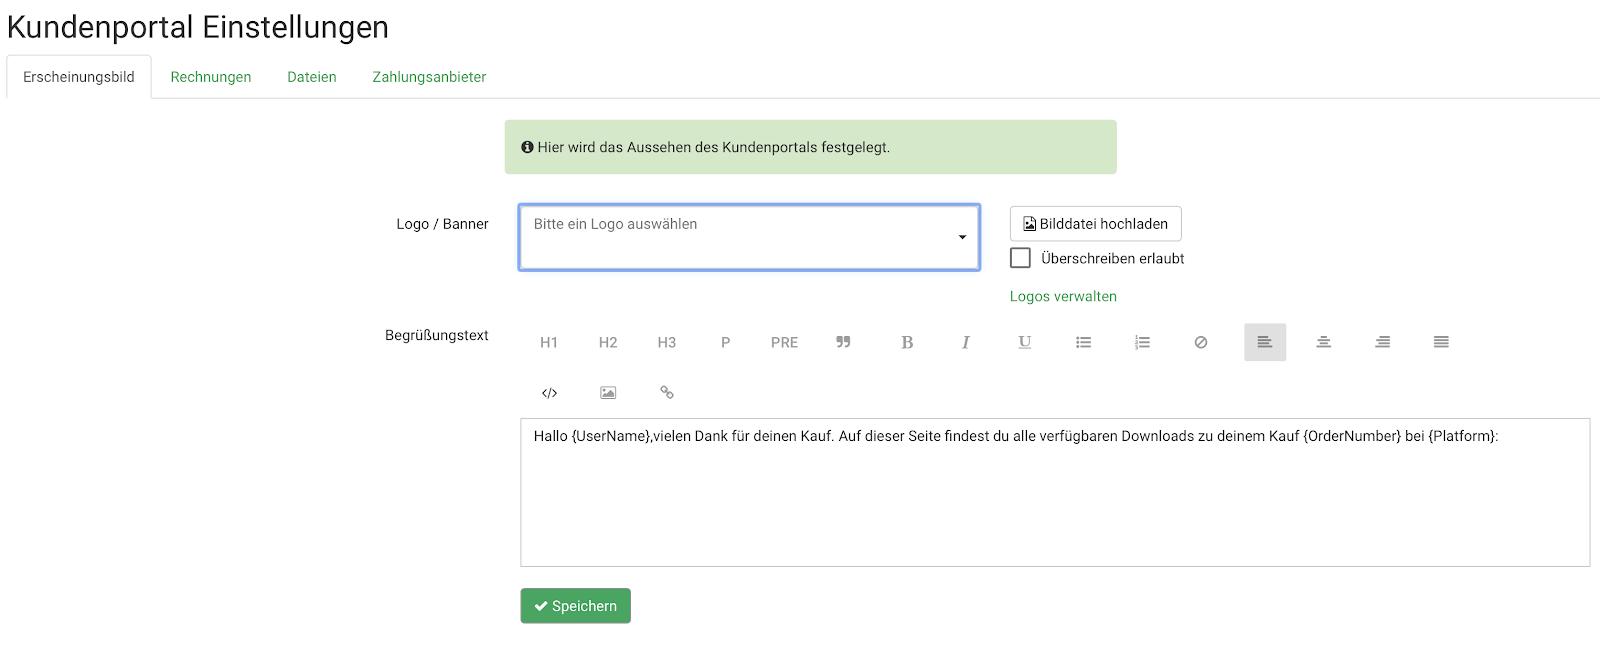 Stärkere Kundenbindung durch Nutzung von Kundendaten – Billbee